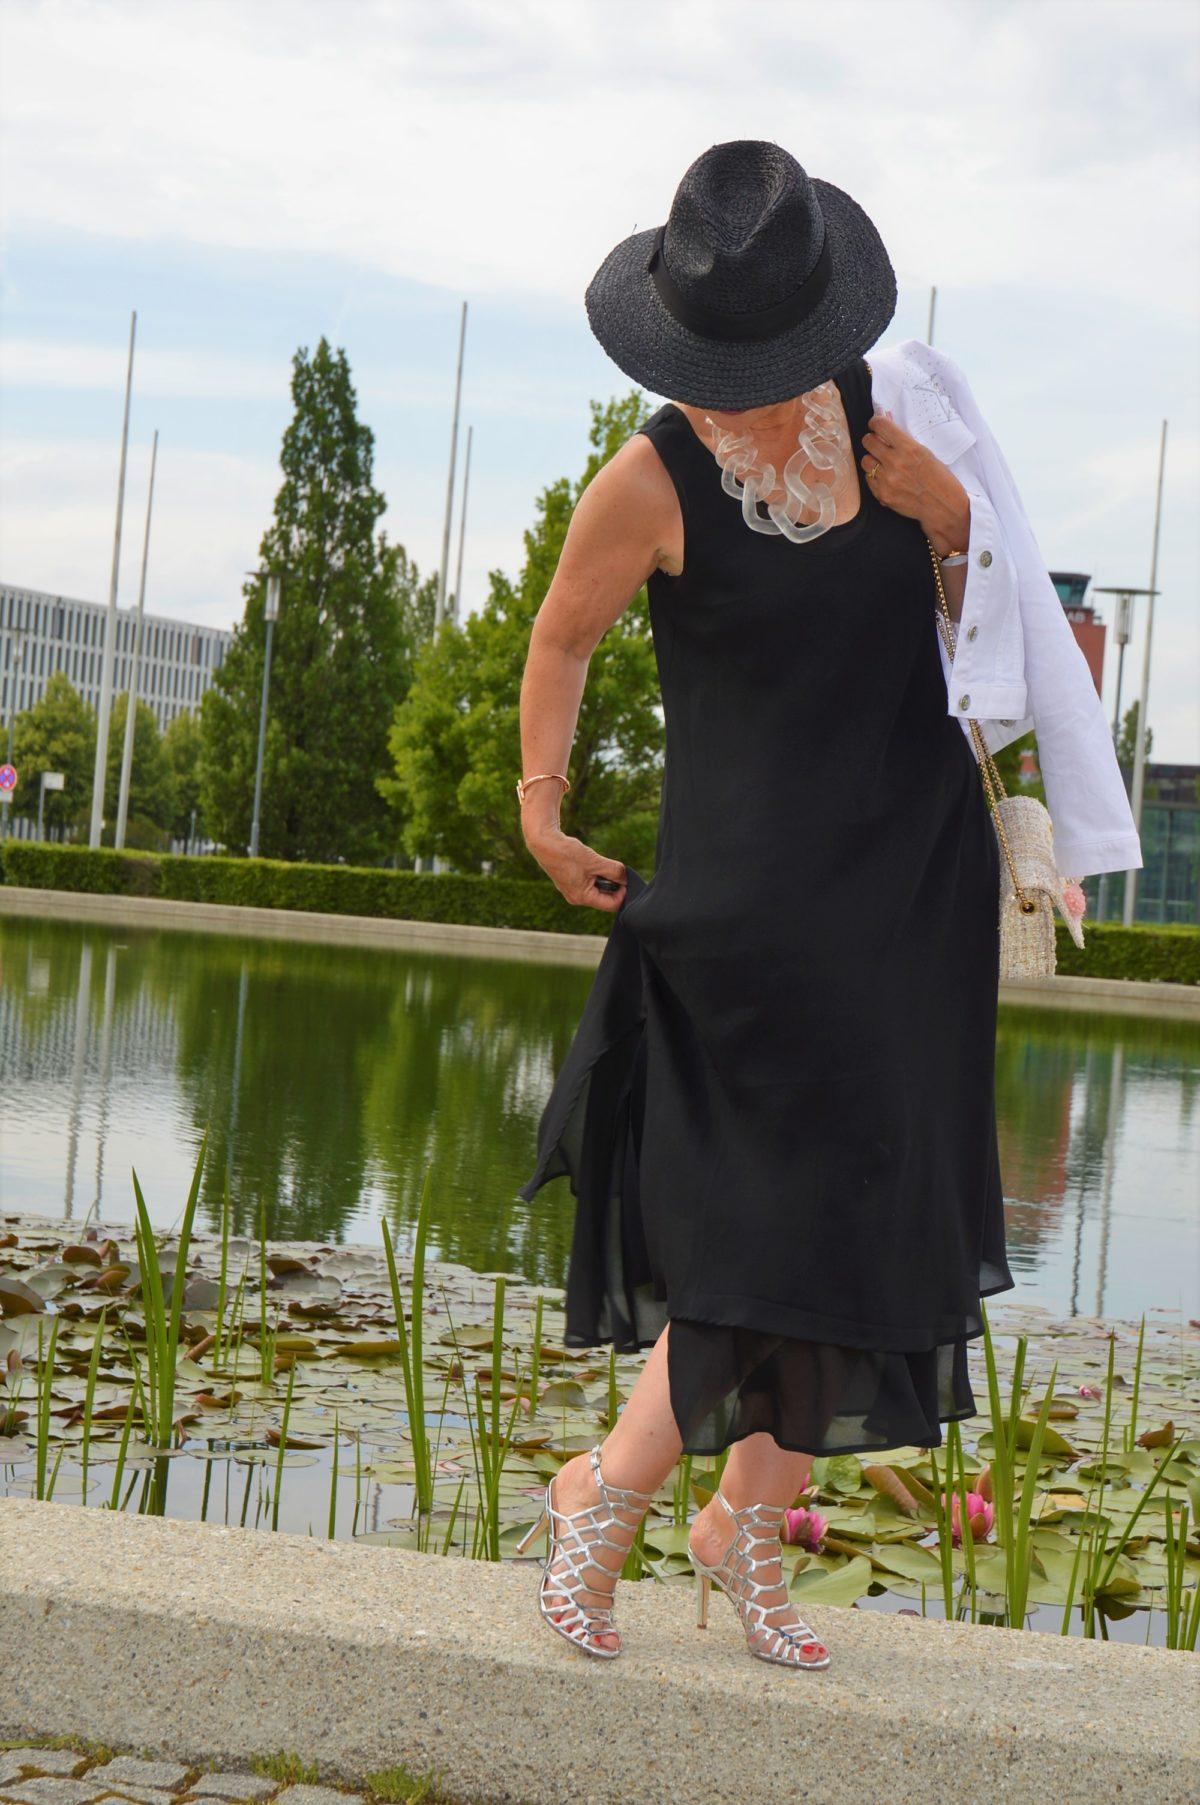 Sommerkleid mit Hut